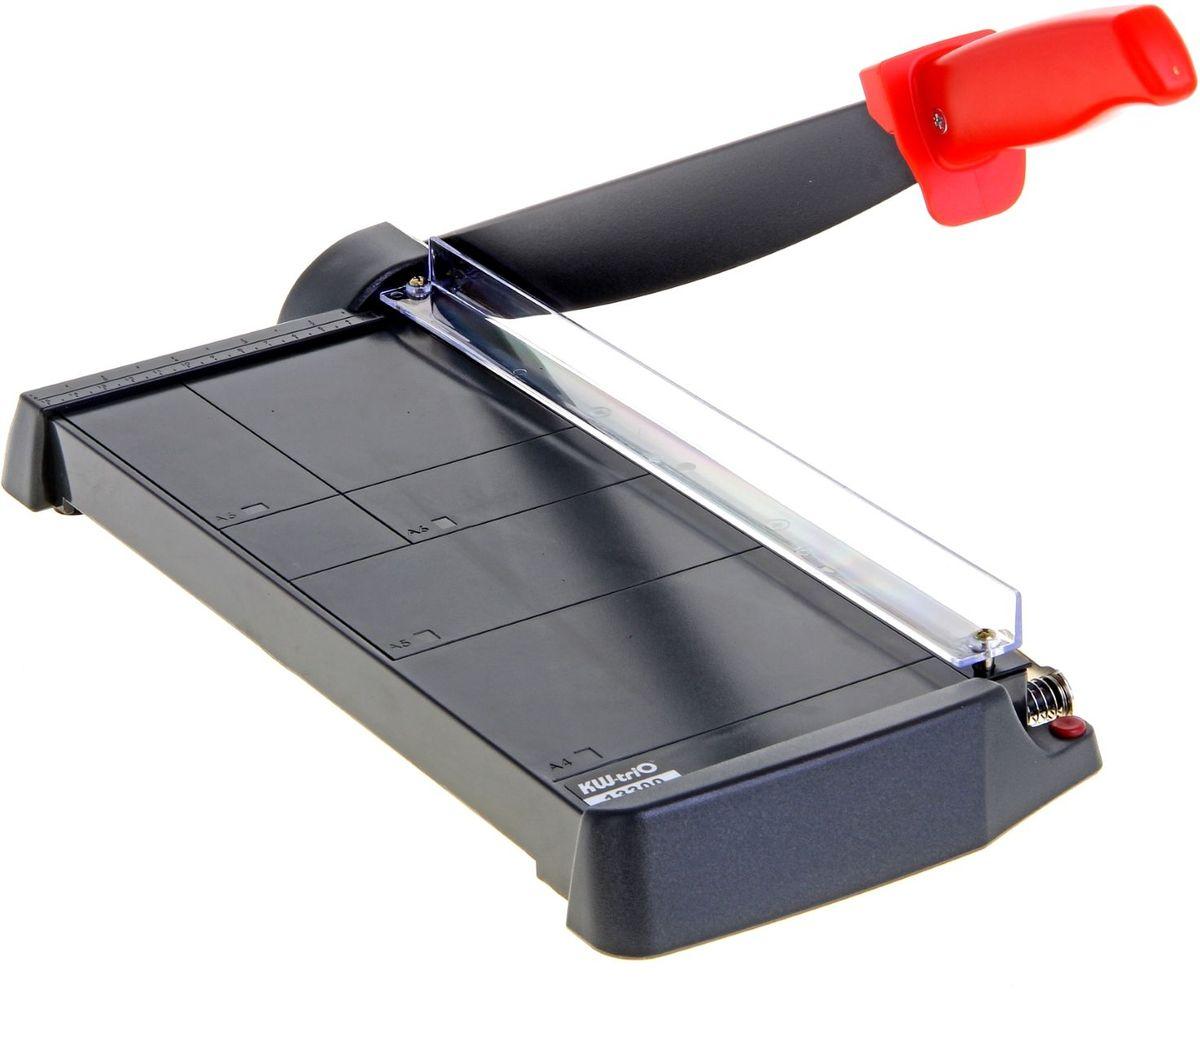 KW-Тrio Резак для бумаги сабельный -  Канцелярские ножи и ножницы